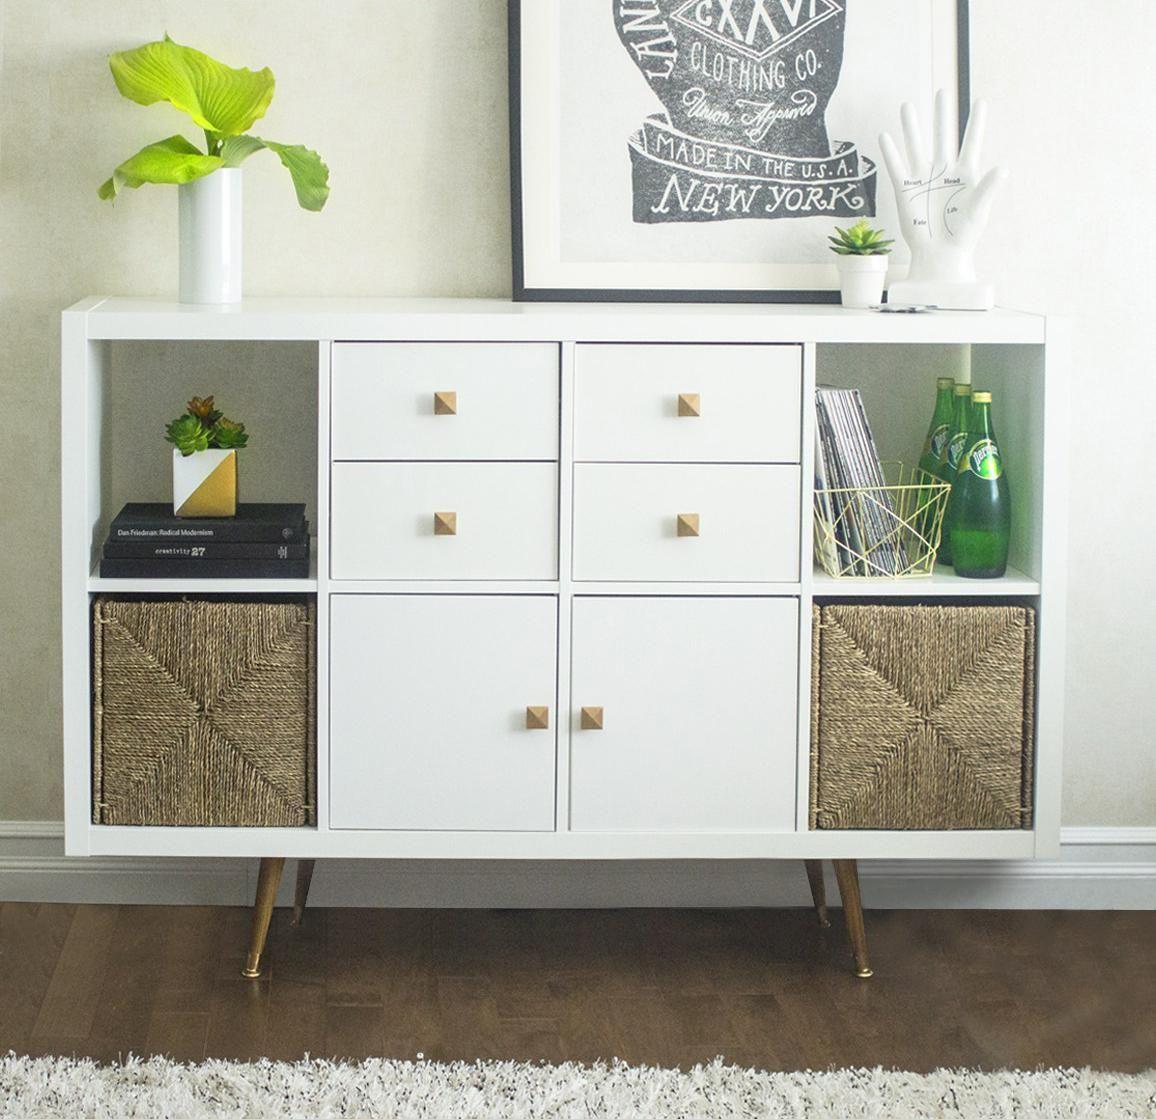 les 30 meilleurs détournements de meubles ikea | maison | pinterest